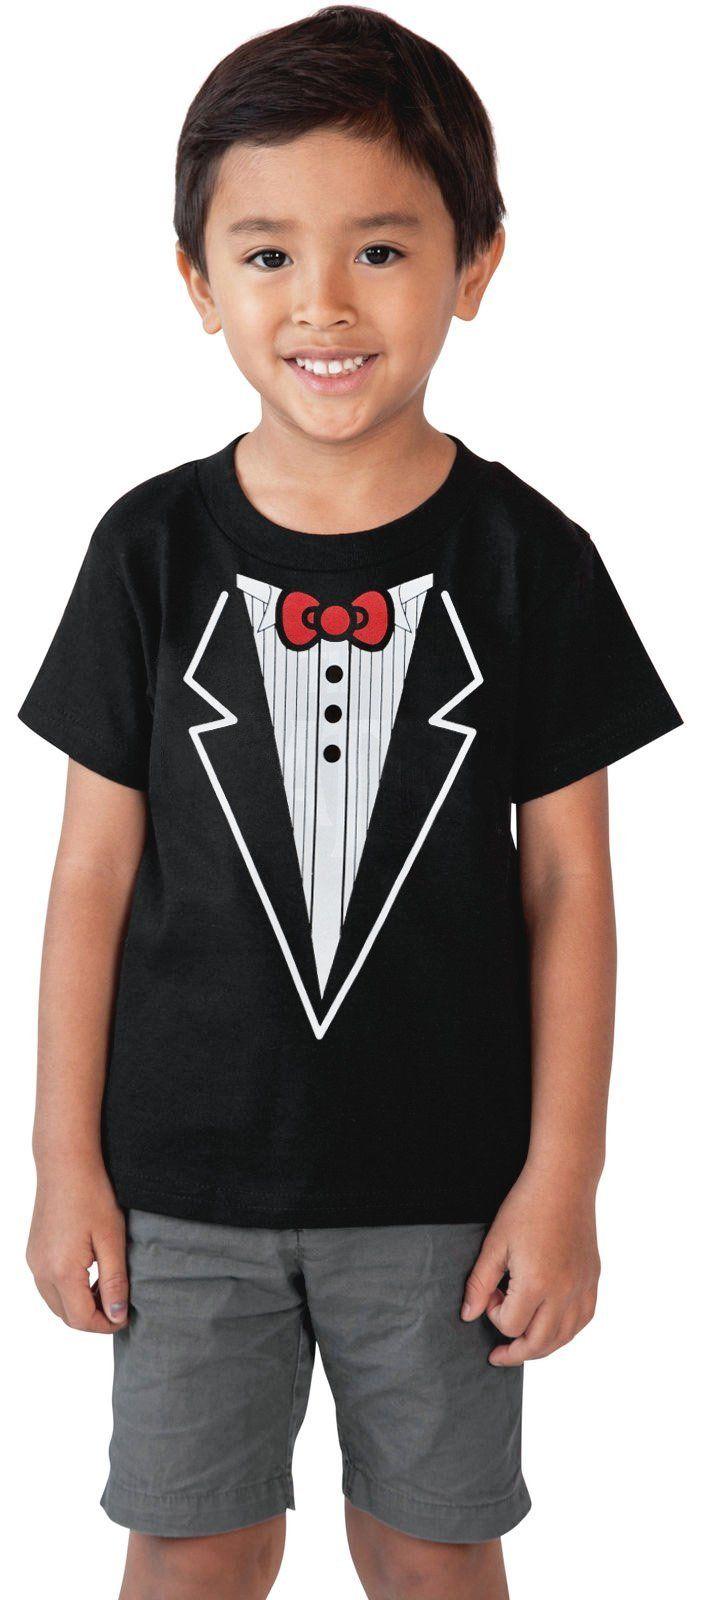 Best 25+ Boys tuxedo ideas on Pinterest | Baby boy ...